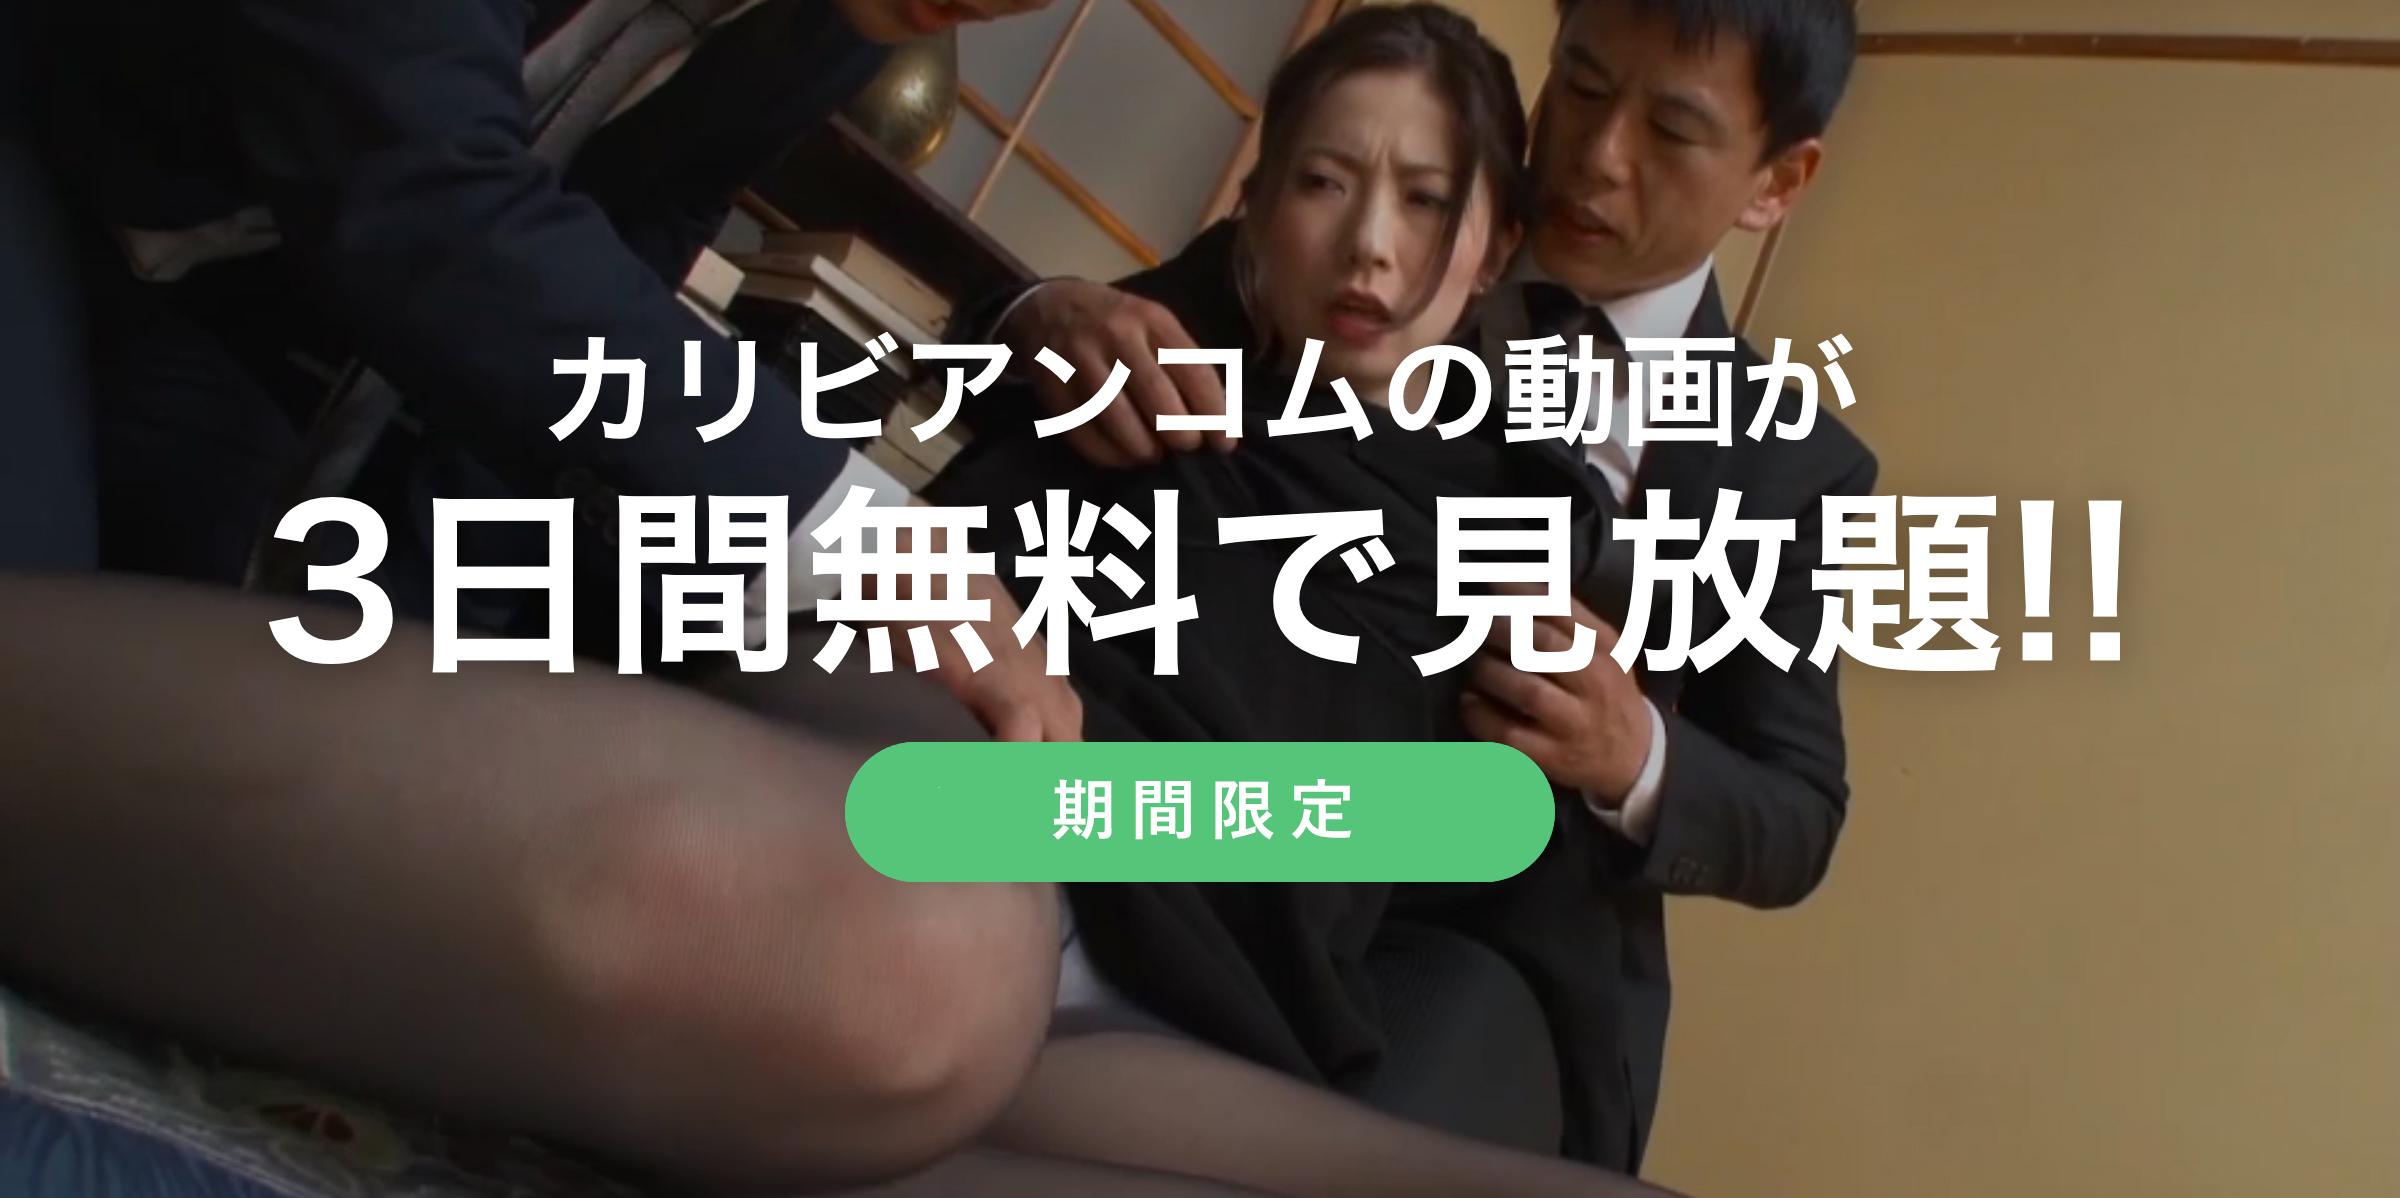 カリビアンコム・3日間無料見放題プラン